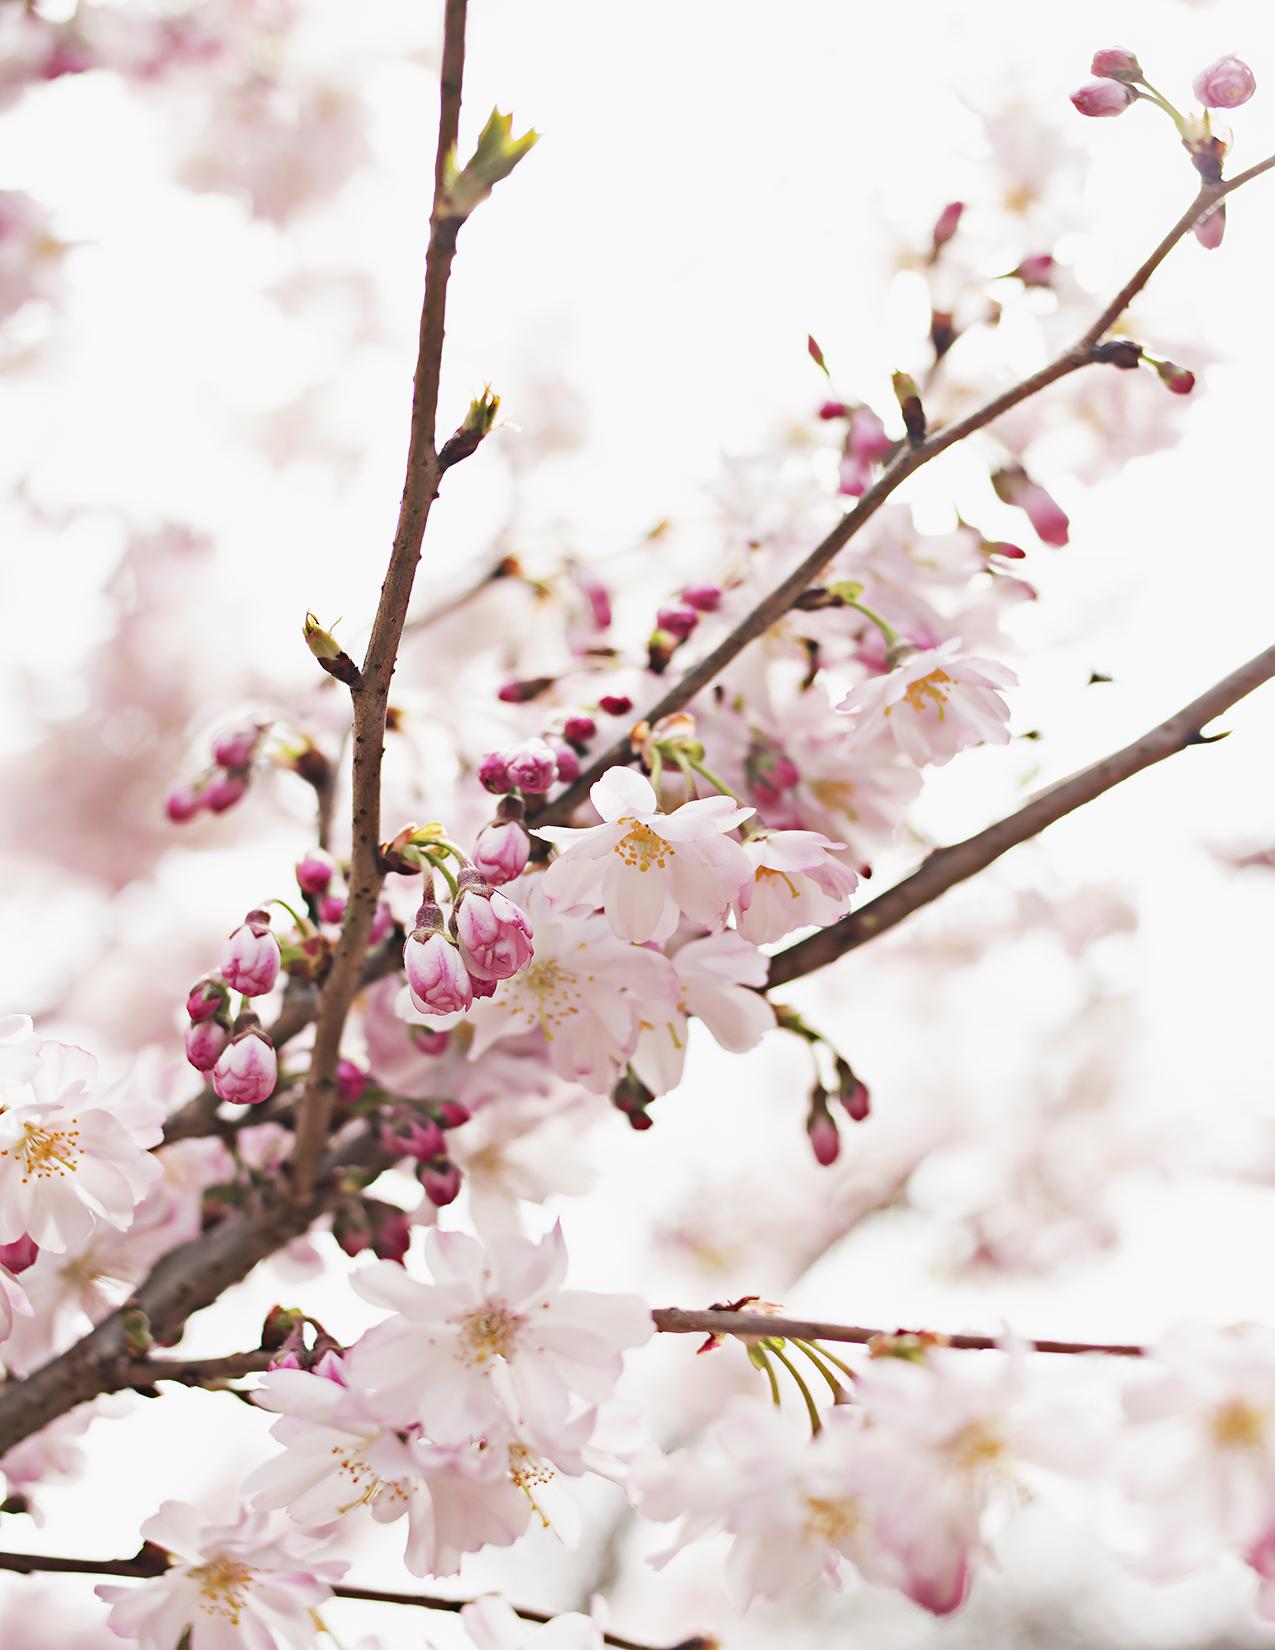 Eileen_Ko_Assignment 4_Light_Pink Flowers